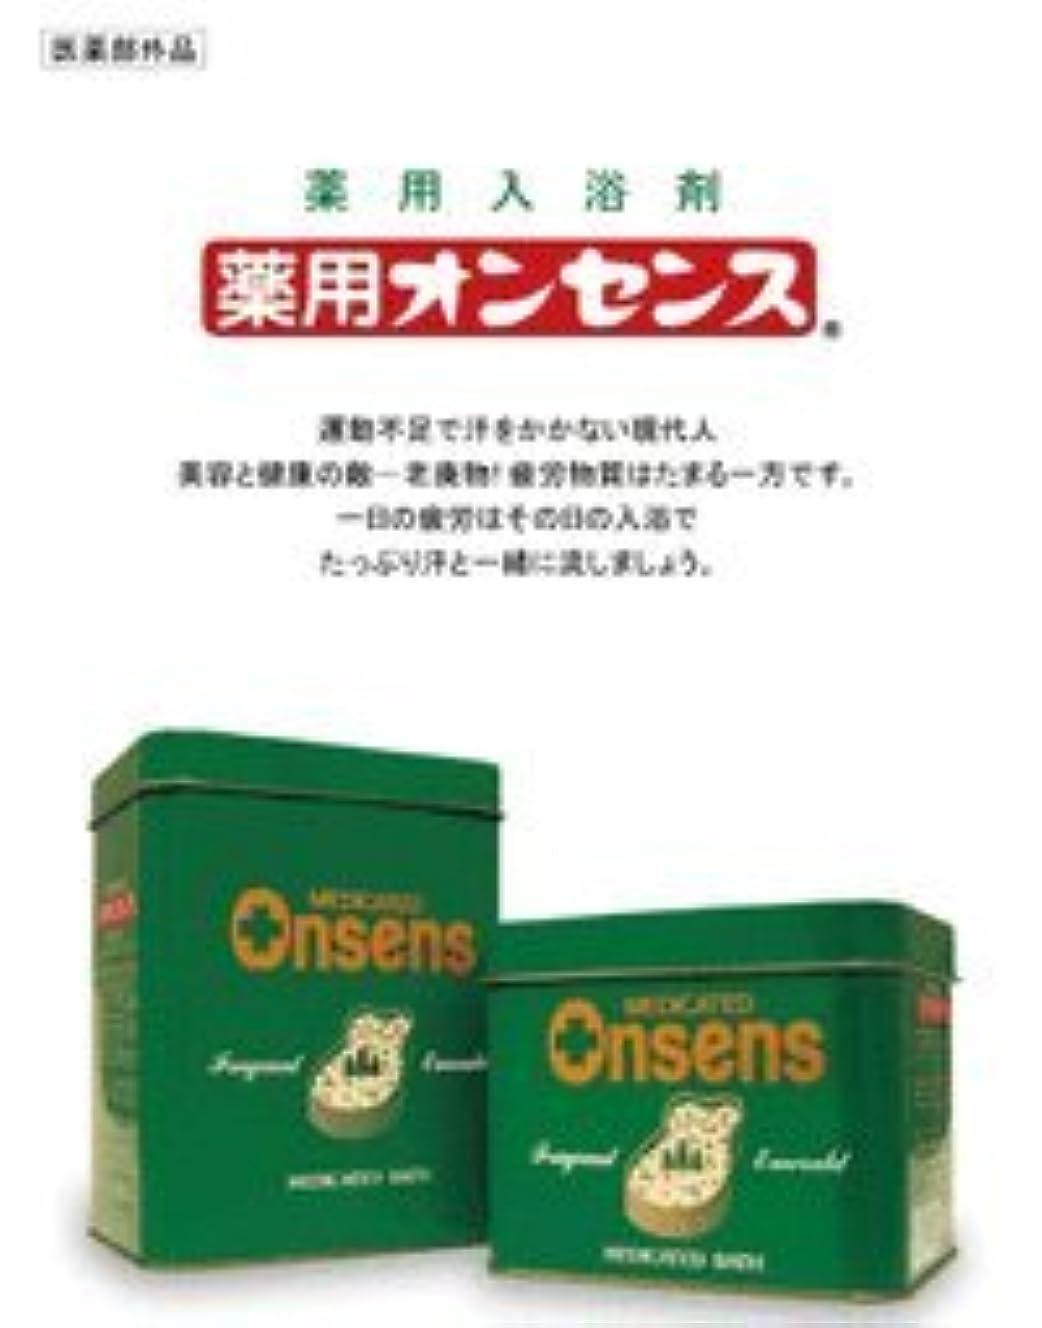 補正夫パターン薬用オンセンス 1.4kg缶 薬用入浴剤 松葉エキス(松柏科植物の製油) 入浴剤 医薬部外品